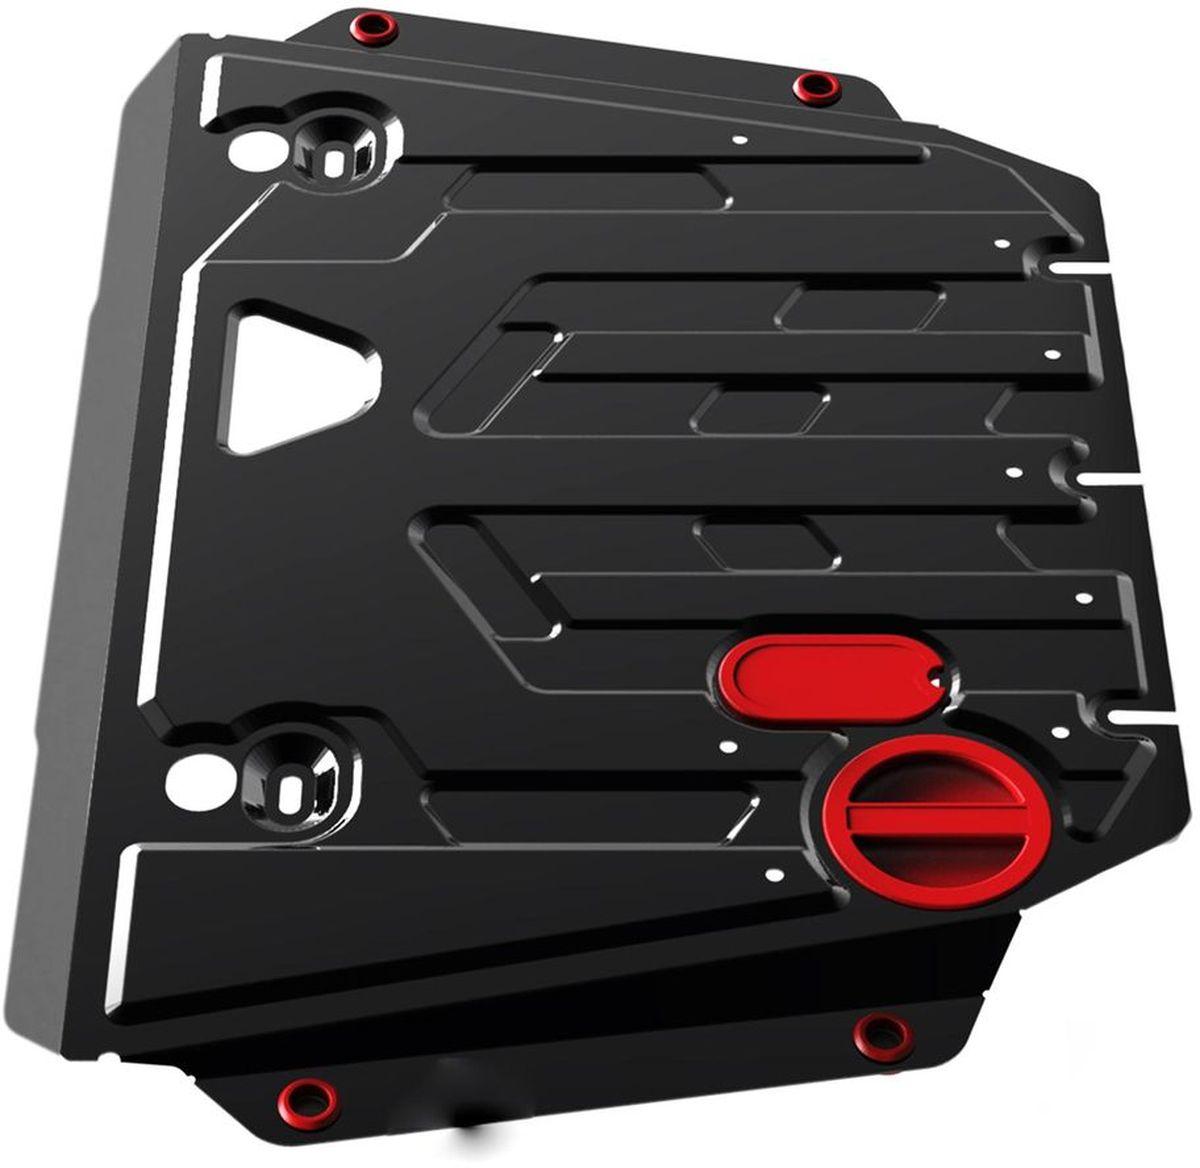 Защита картера и КПП Автоброня, для Chevrolet Epica V - 2,0; 2,5 (2006-)PM 6705Технологически совершенный продукт за невысокую стоимость.Защита разработана с учетом особенностей днища автомобиля, что позволяет сохранить дорожный просвет с минимальным изменением.Защита устанавливается в штатные места кузова автомобиля. Глубокий штамп обеспечивает до двух раз больше жесткости в сравнении с обычной защитой той же толщины. Проштампованные ребра жесткости препятствуют деформации защиты при ударах.Тепловой зазор и вентиляционные отверстия обеспечивают сохранение температурного режима двигателя в норме. Скрытый крепеж предотвращает срыв крепежных элементов при наезде на препятствие.Шумопоглощающие резиновые элементы обеспечивают комфортную езду без вибраций и скрежета металла, а съемные лючки для слива масла и замены фильтра - экономию средств и время.Конструкция изделия не влияет на пассивную безопасность автомобиля (при ударе защита не воздействует на деформационные зоны кузова). Со штатным крепежом. В комплекте инструкция по установке.Толщина стали: 2 мм.Уважаемые клиенты!Обращаем ваше внимание, что элемент защиты имеет форму, соответствующую модели данного автомобиля. Фото служит для визуального восприятия товара и может отличаться от фактического.